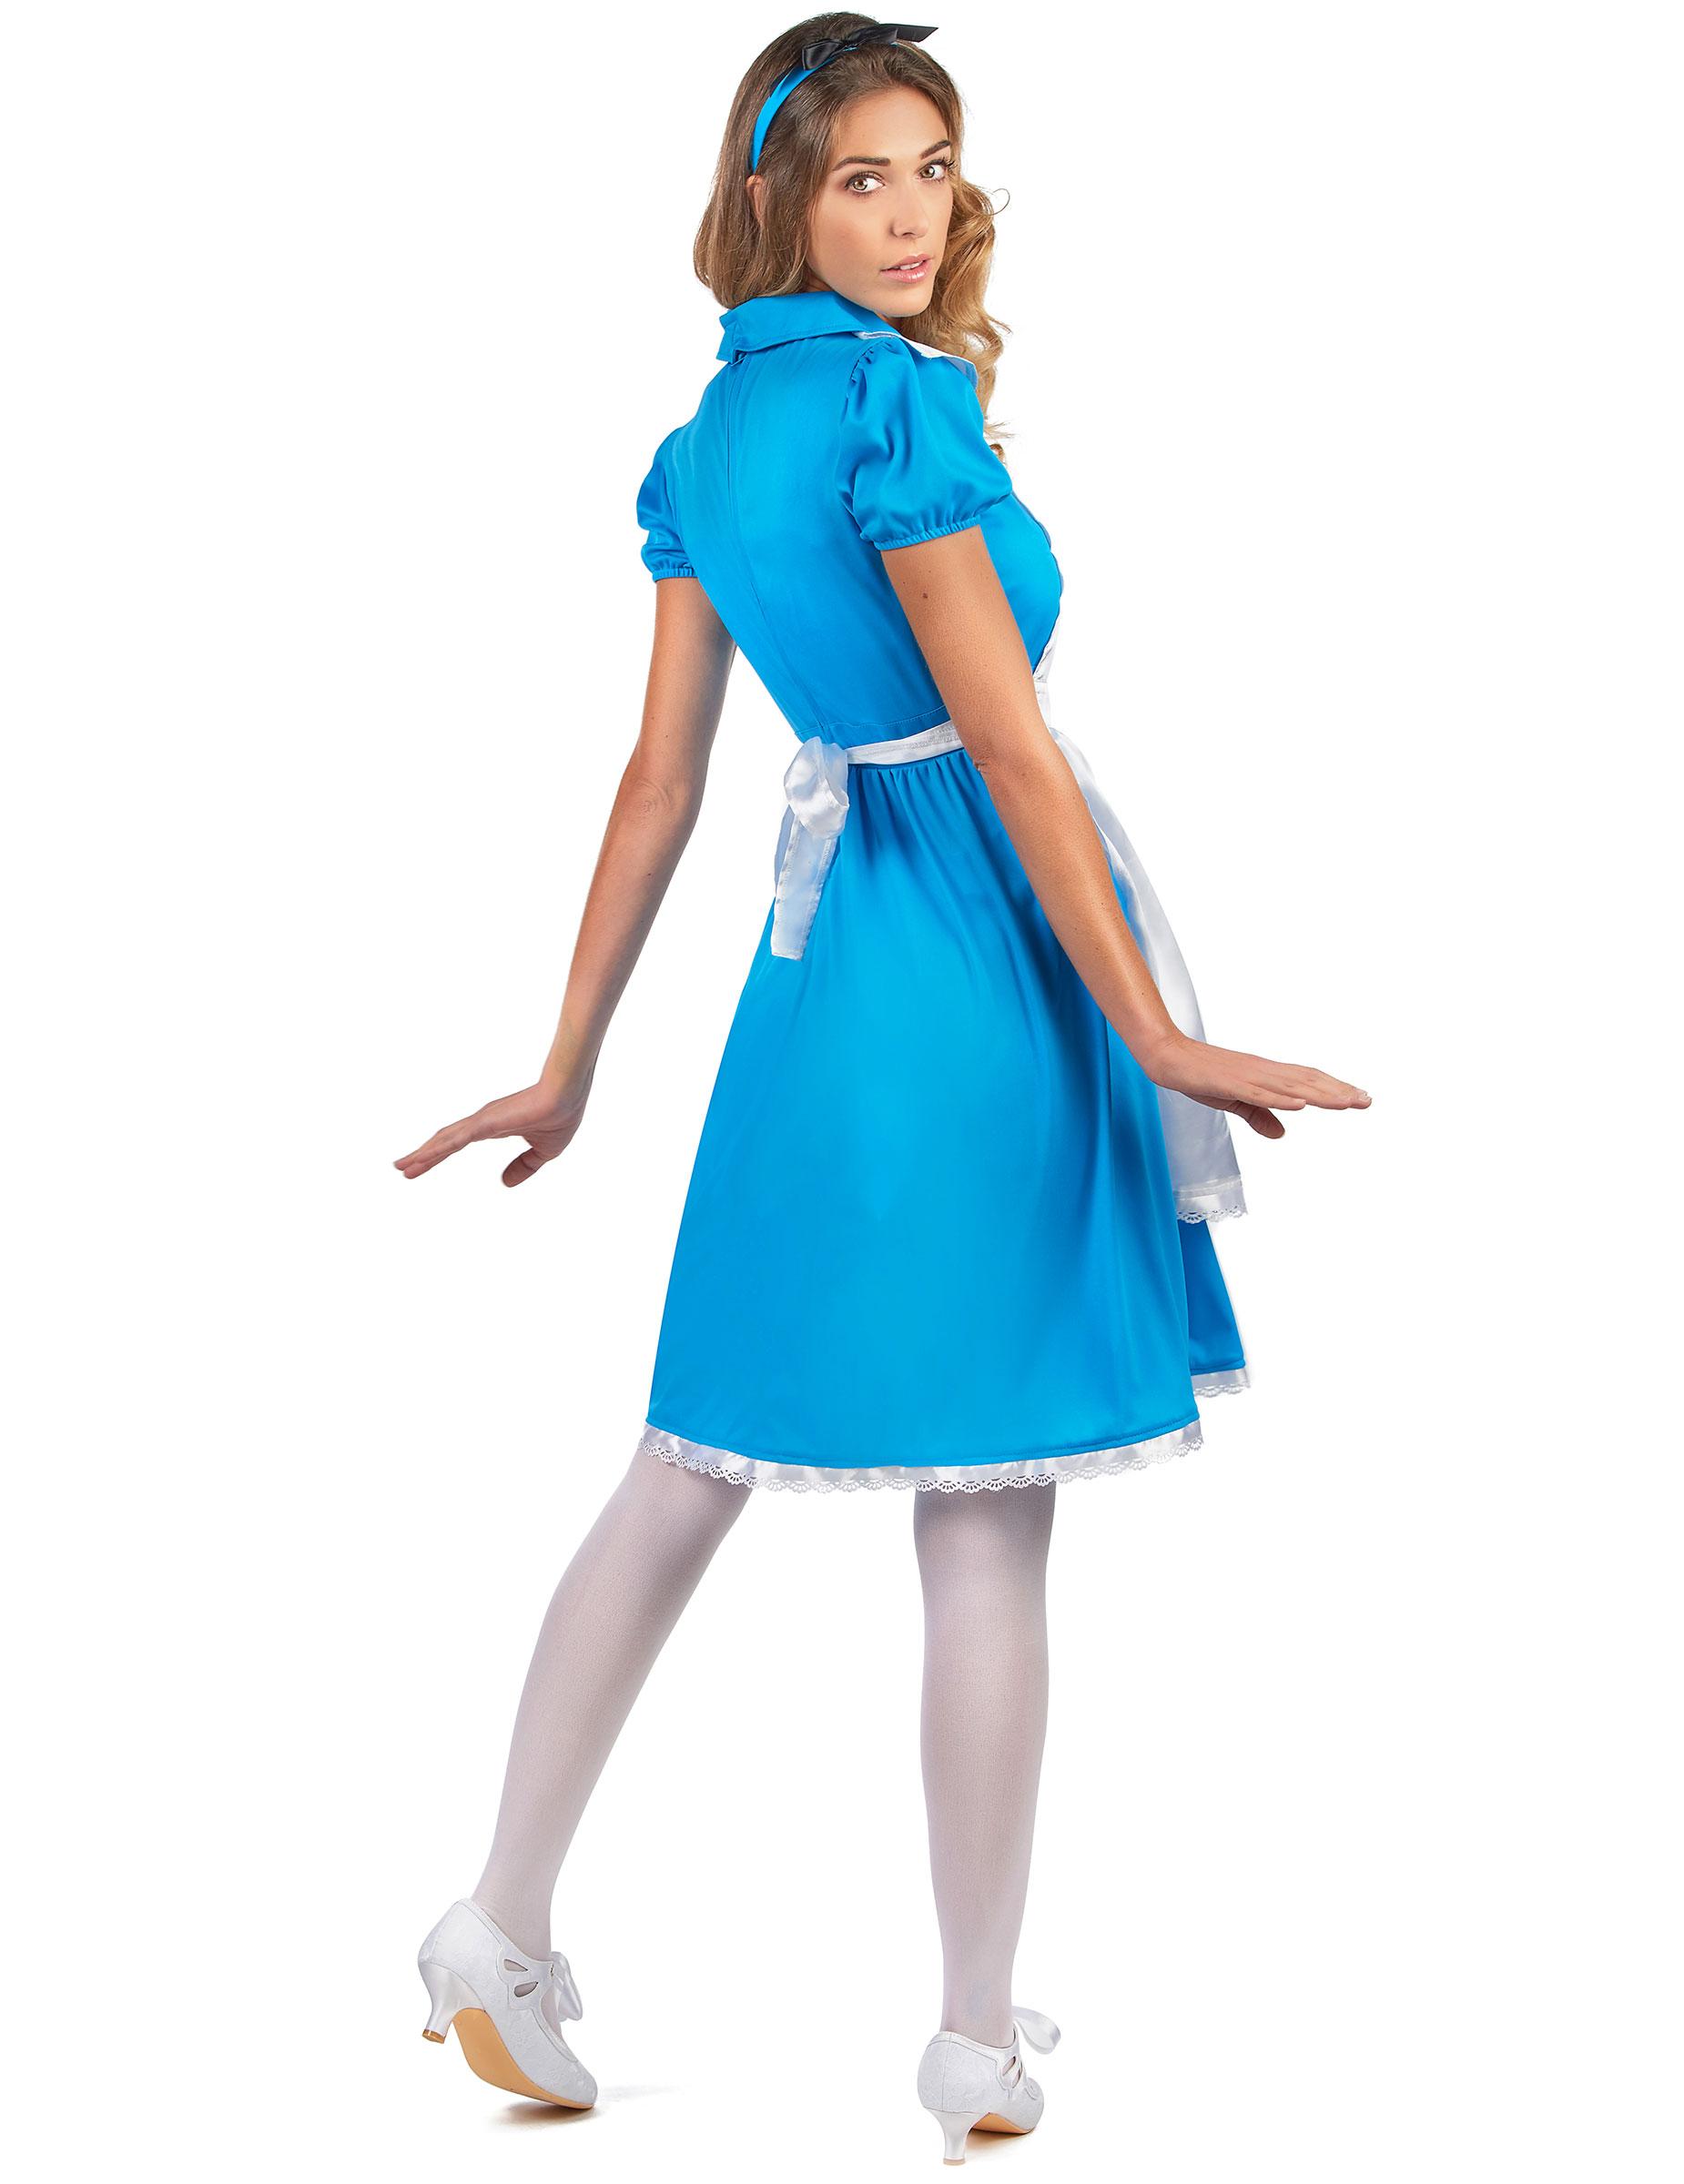 Disfraz Alicia en el país de maravillas mujer: Disfraces adultos,y disfraces originales baratos ...